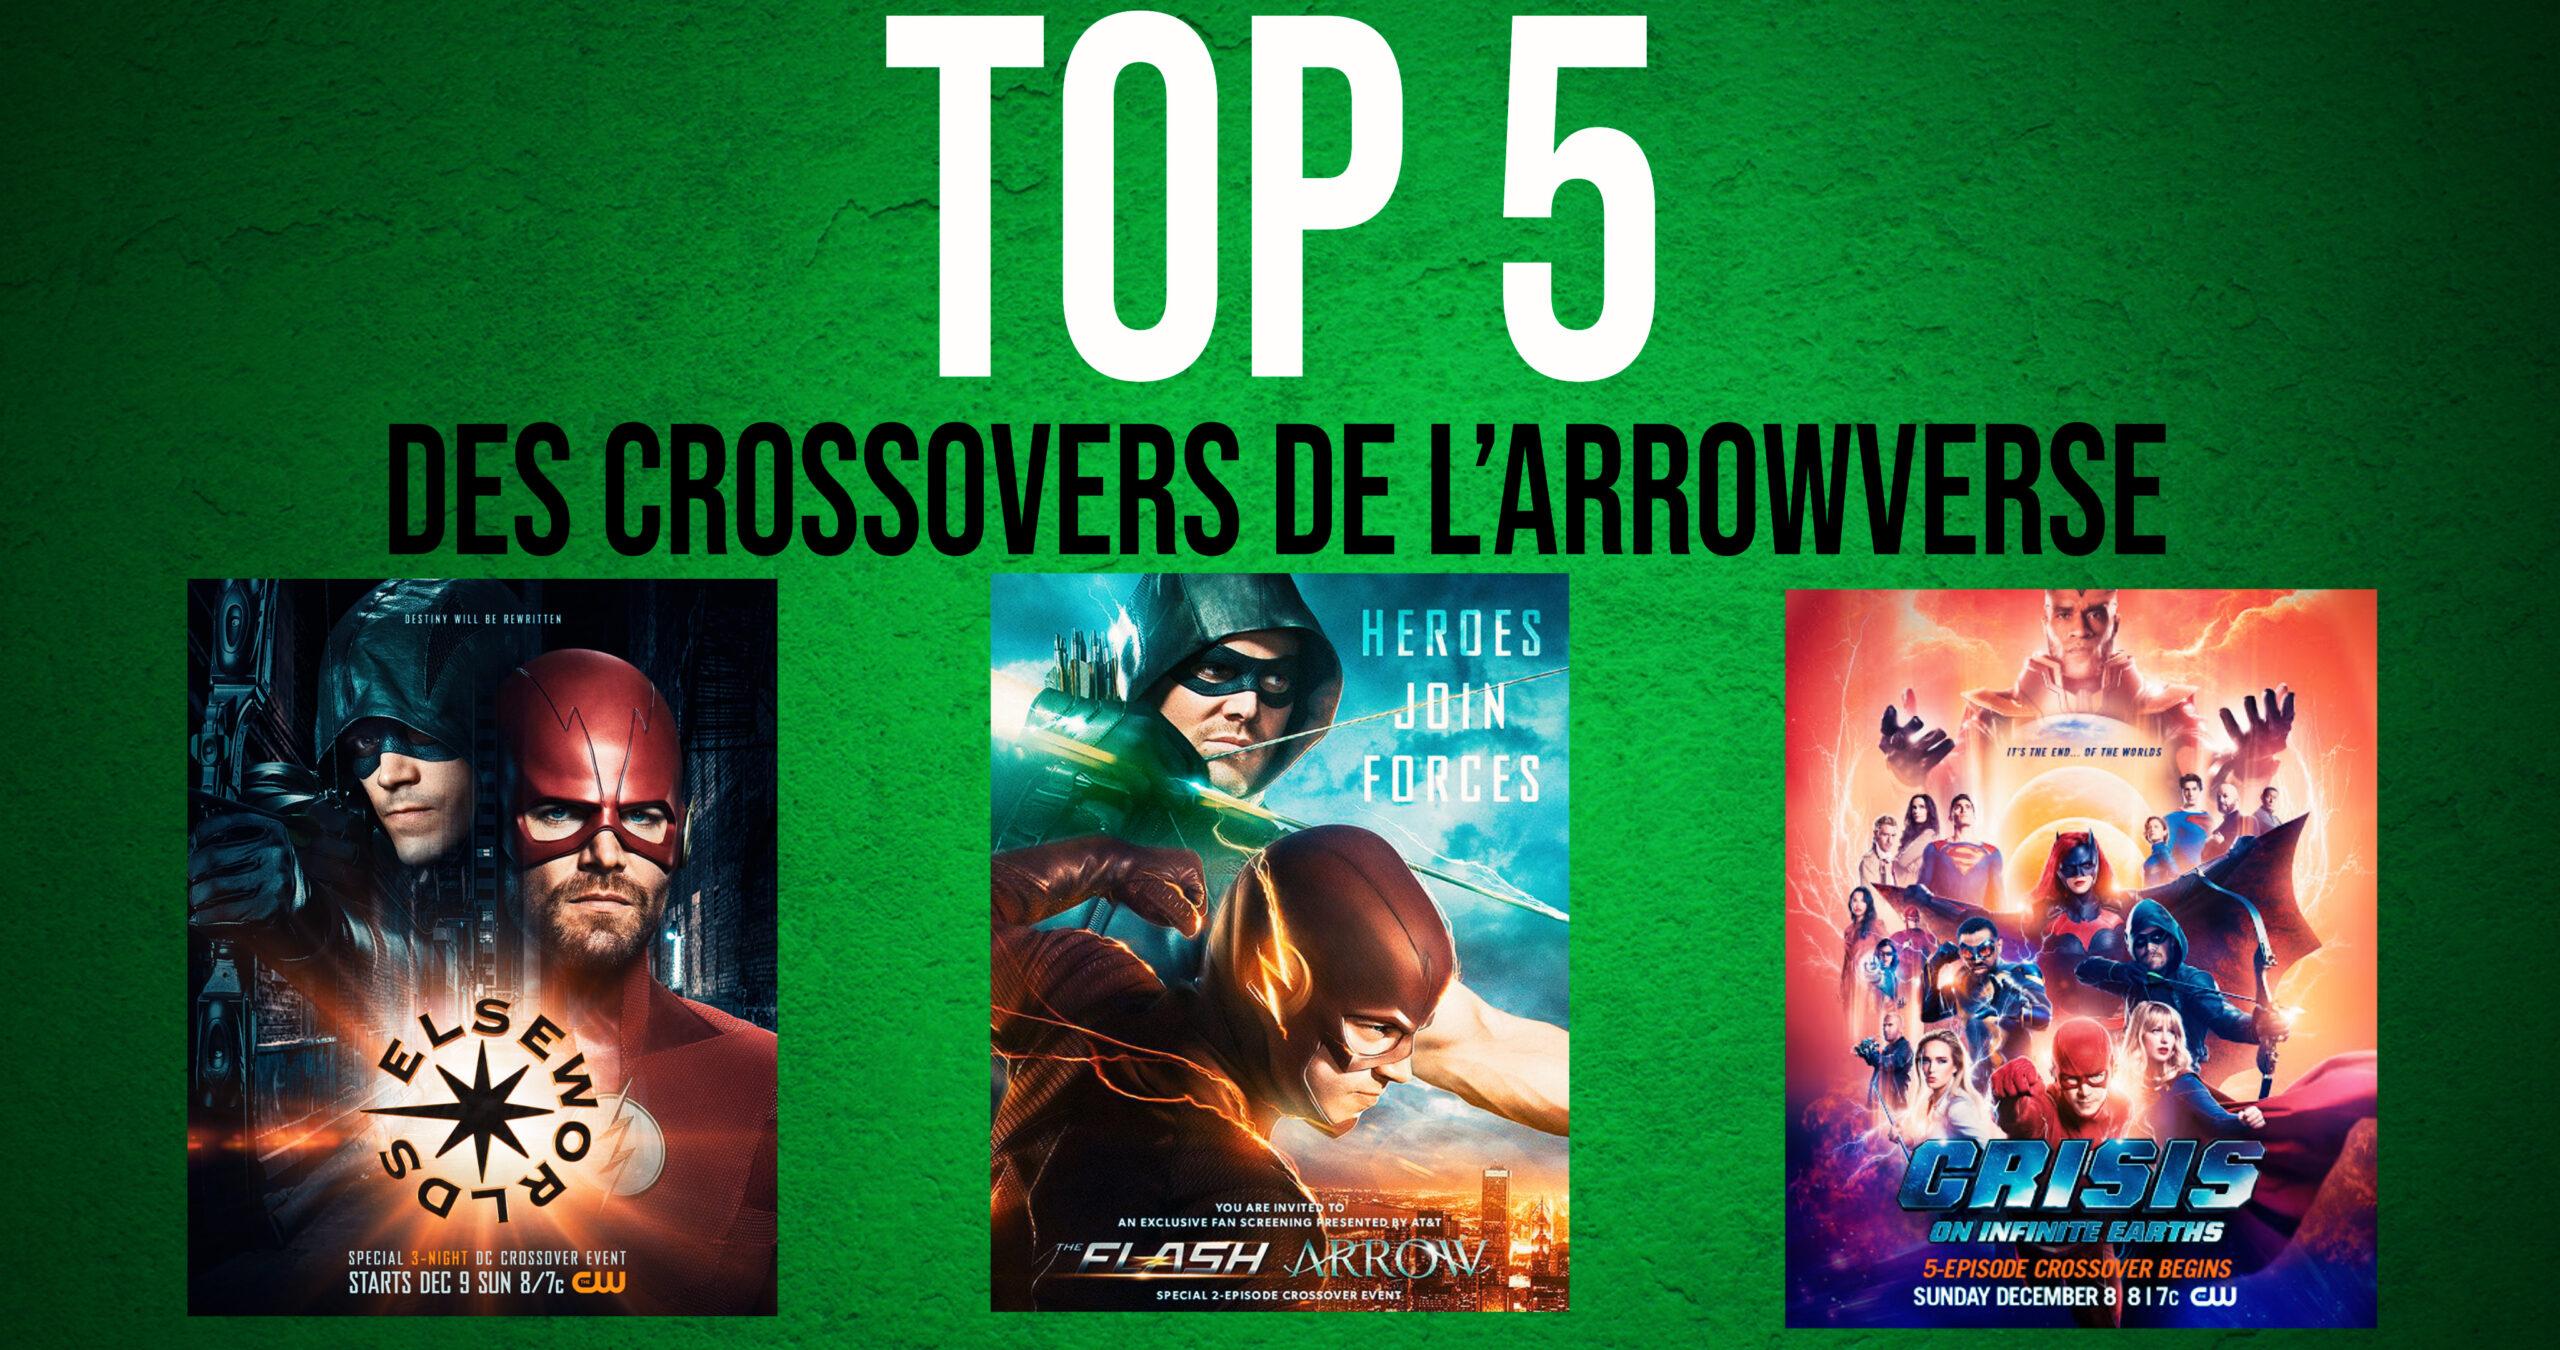 Le TOP 5 des crossovers de l'Arrowverse